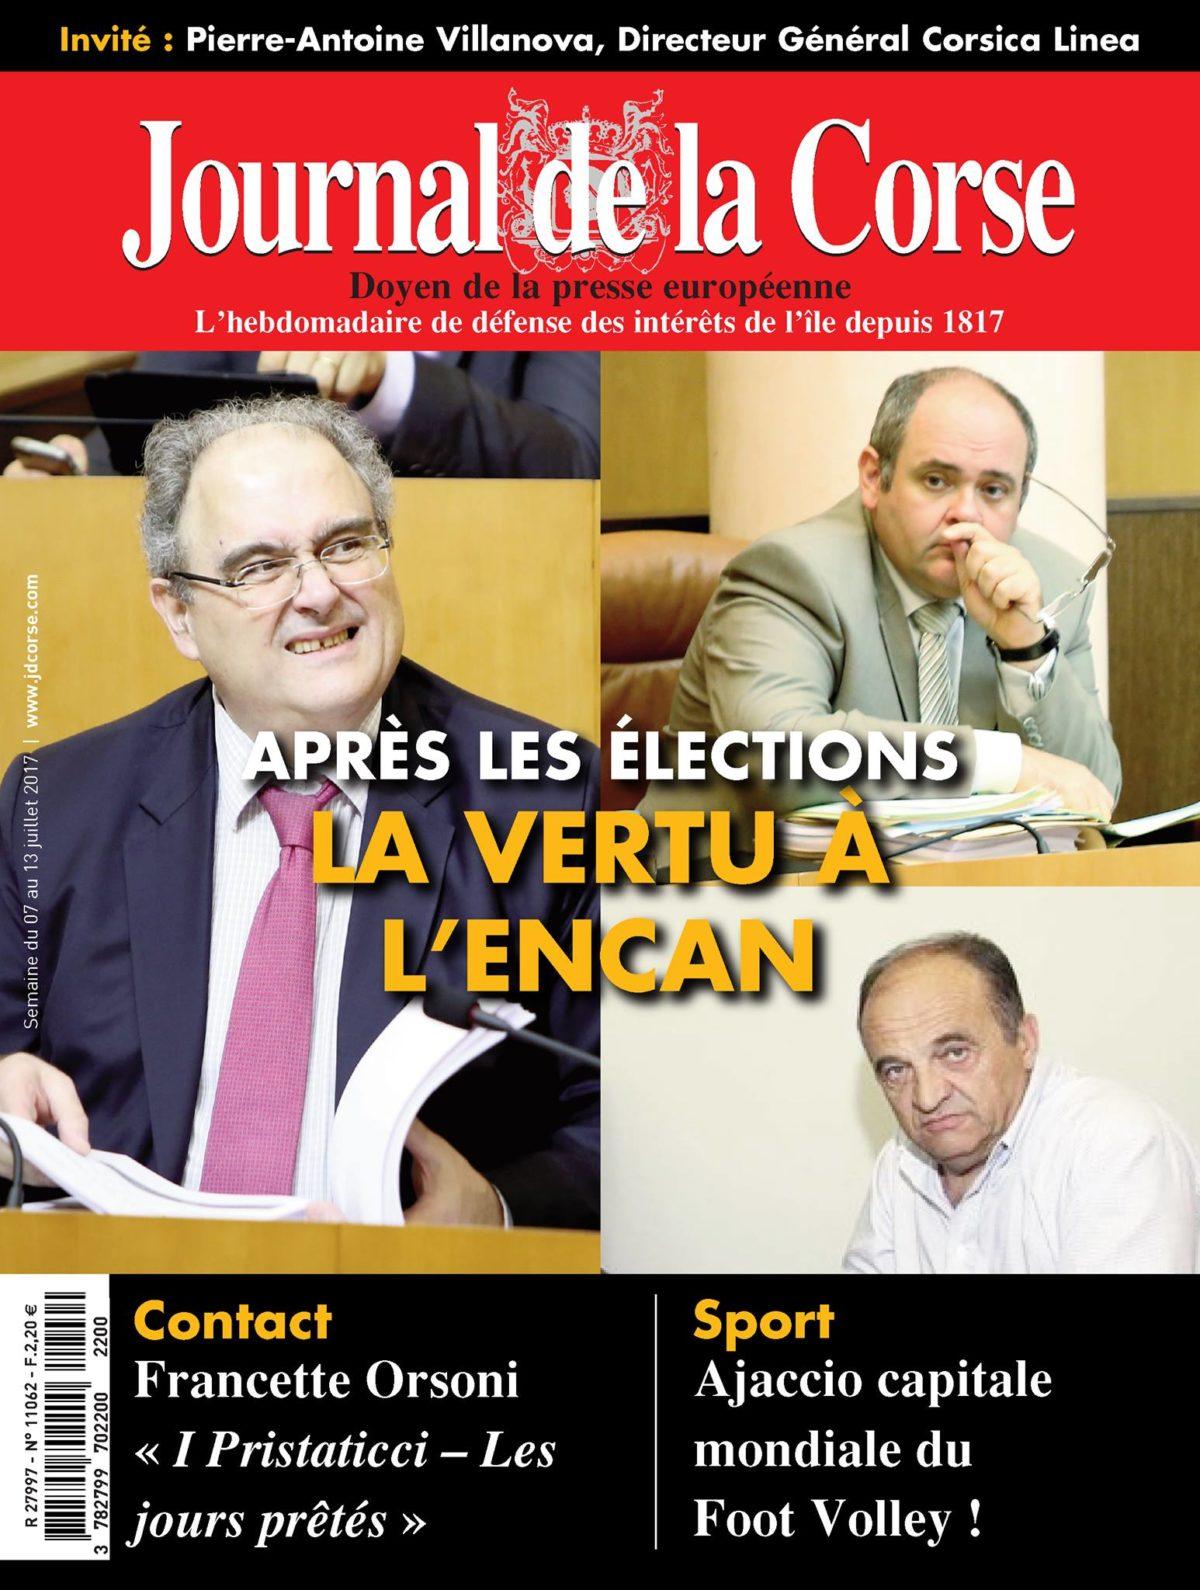 Reportage Midi en France